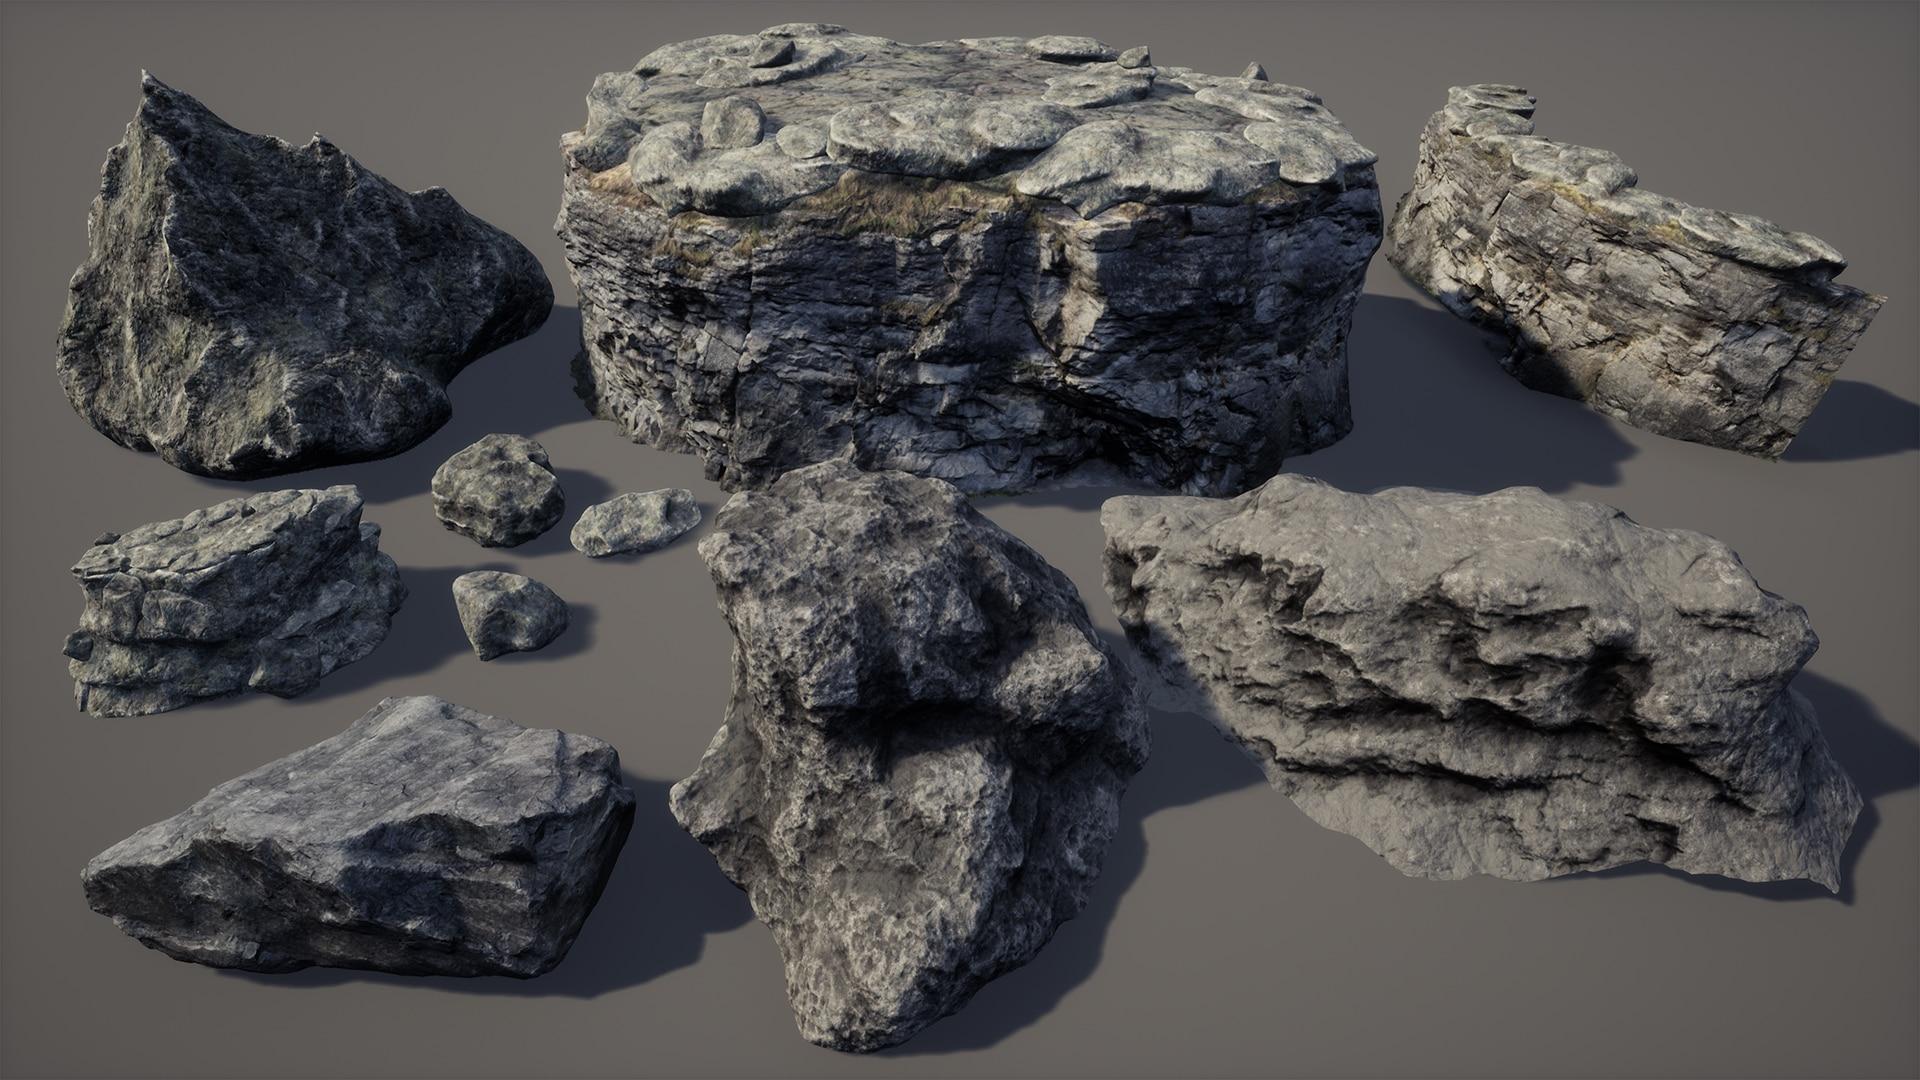 【UE4】Brushify 悬崖石头包